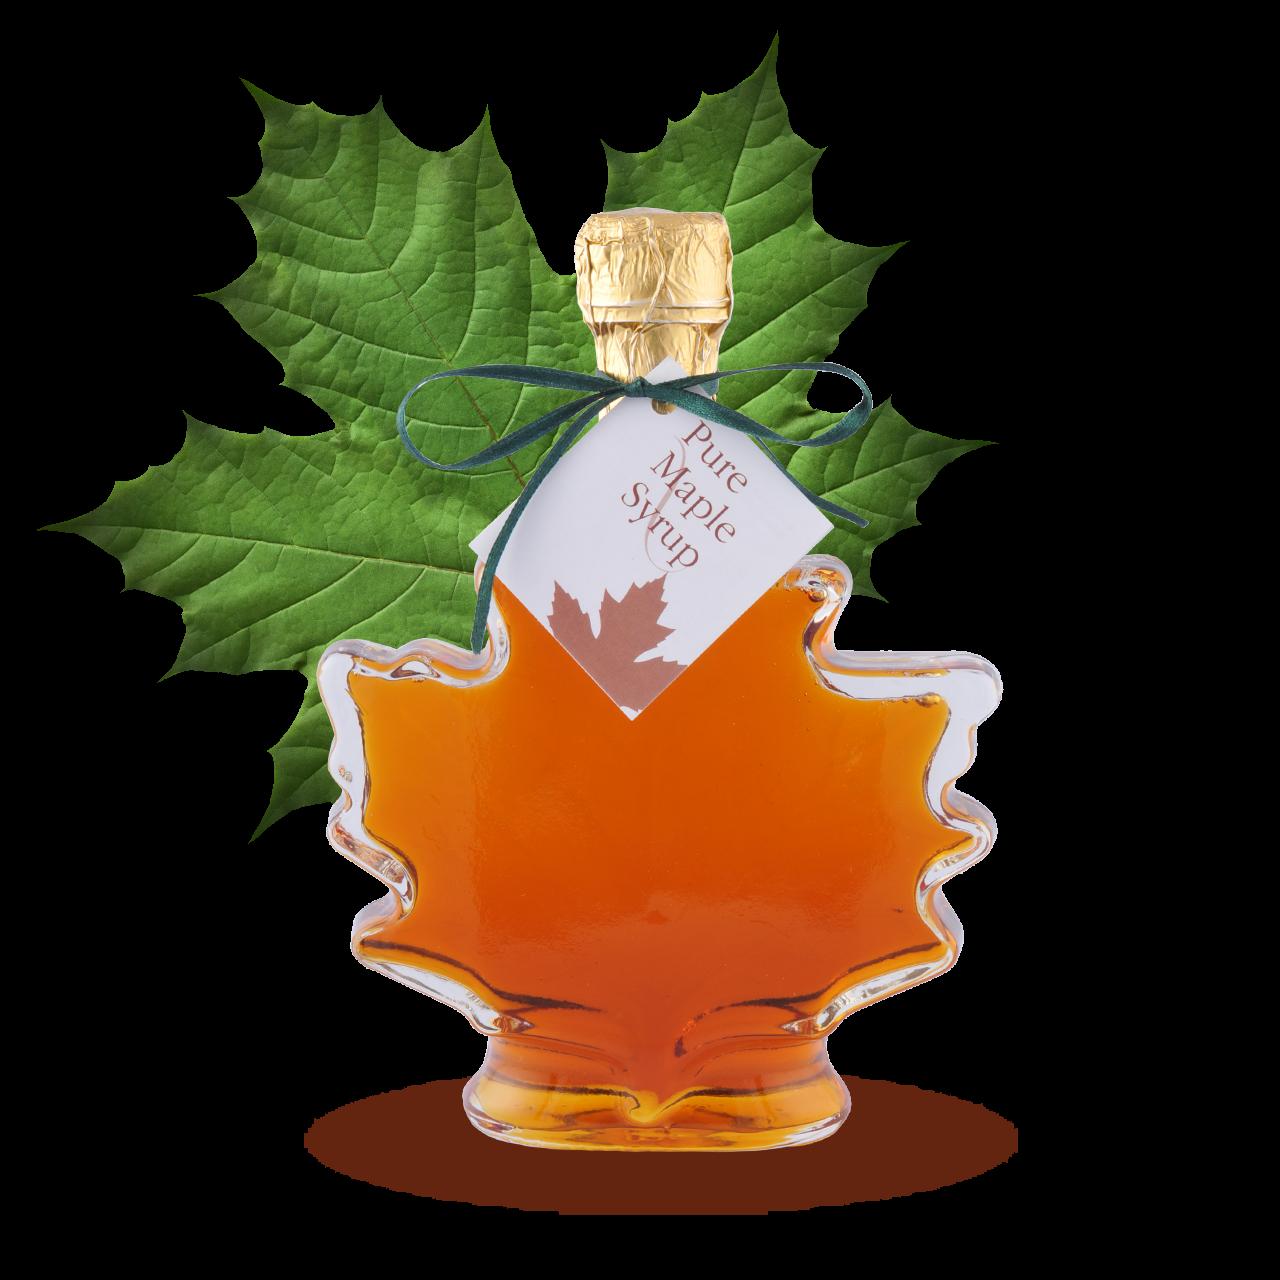 large-maple-leaf-bottle-big-84381.1276327550.1280.1280-89556.1454359832.png